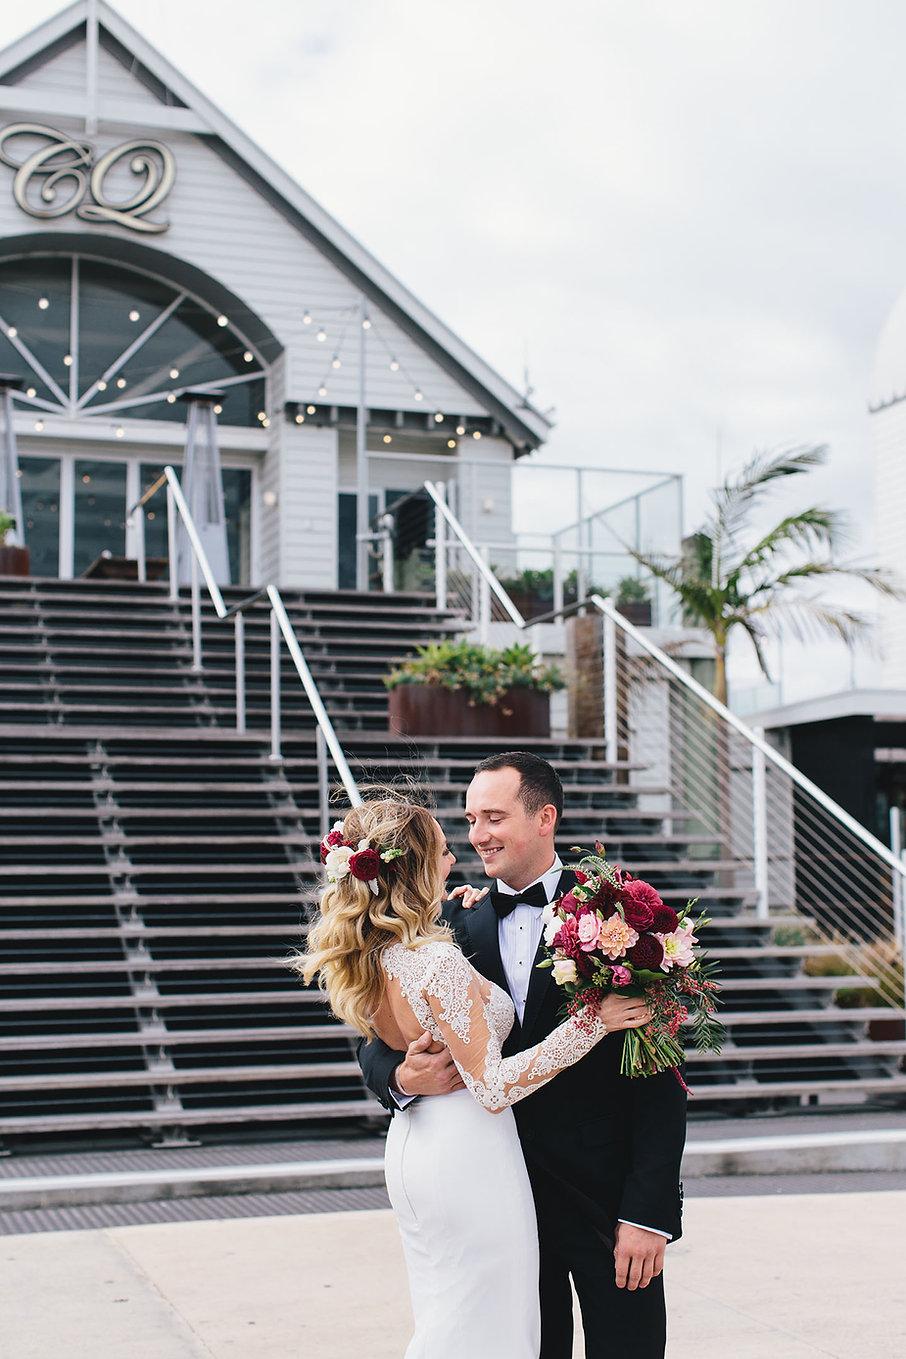 Cunningham pier wedding, Geelong